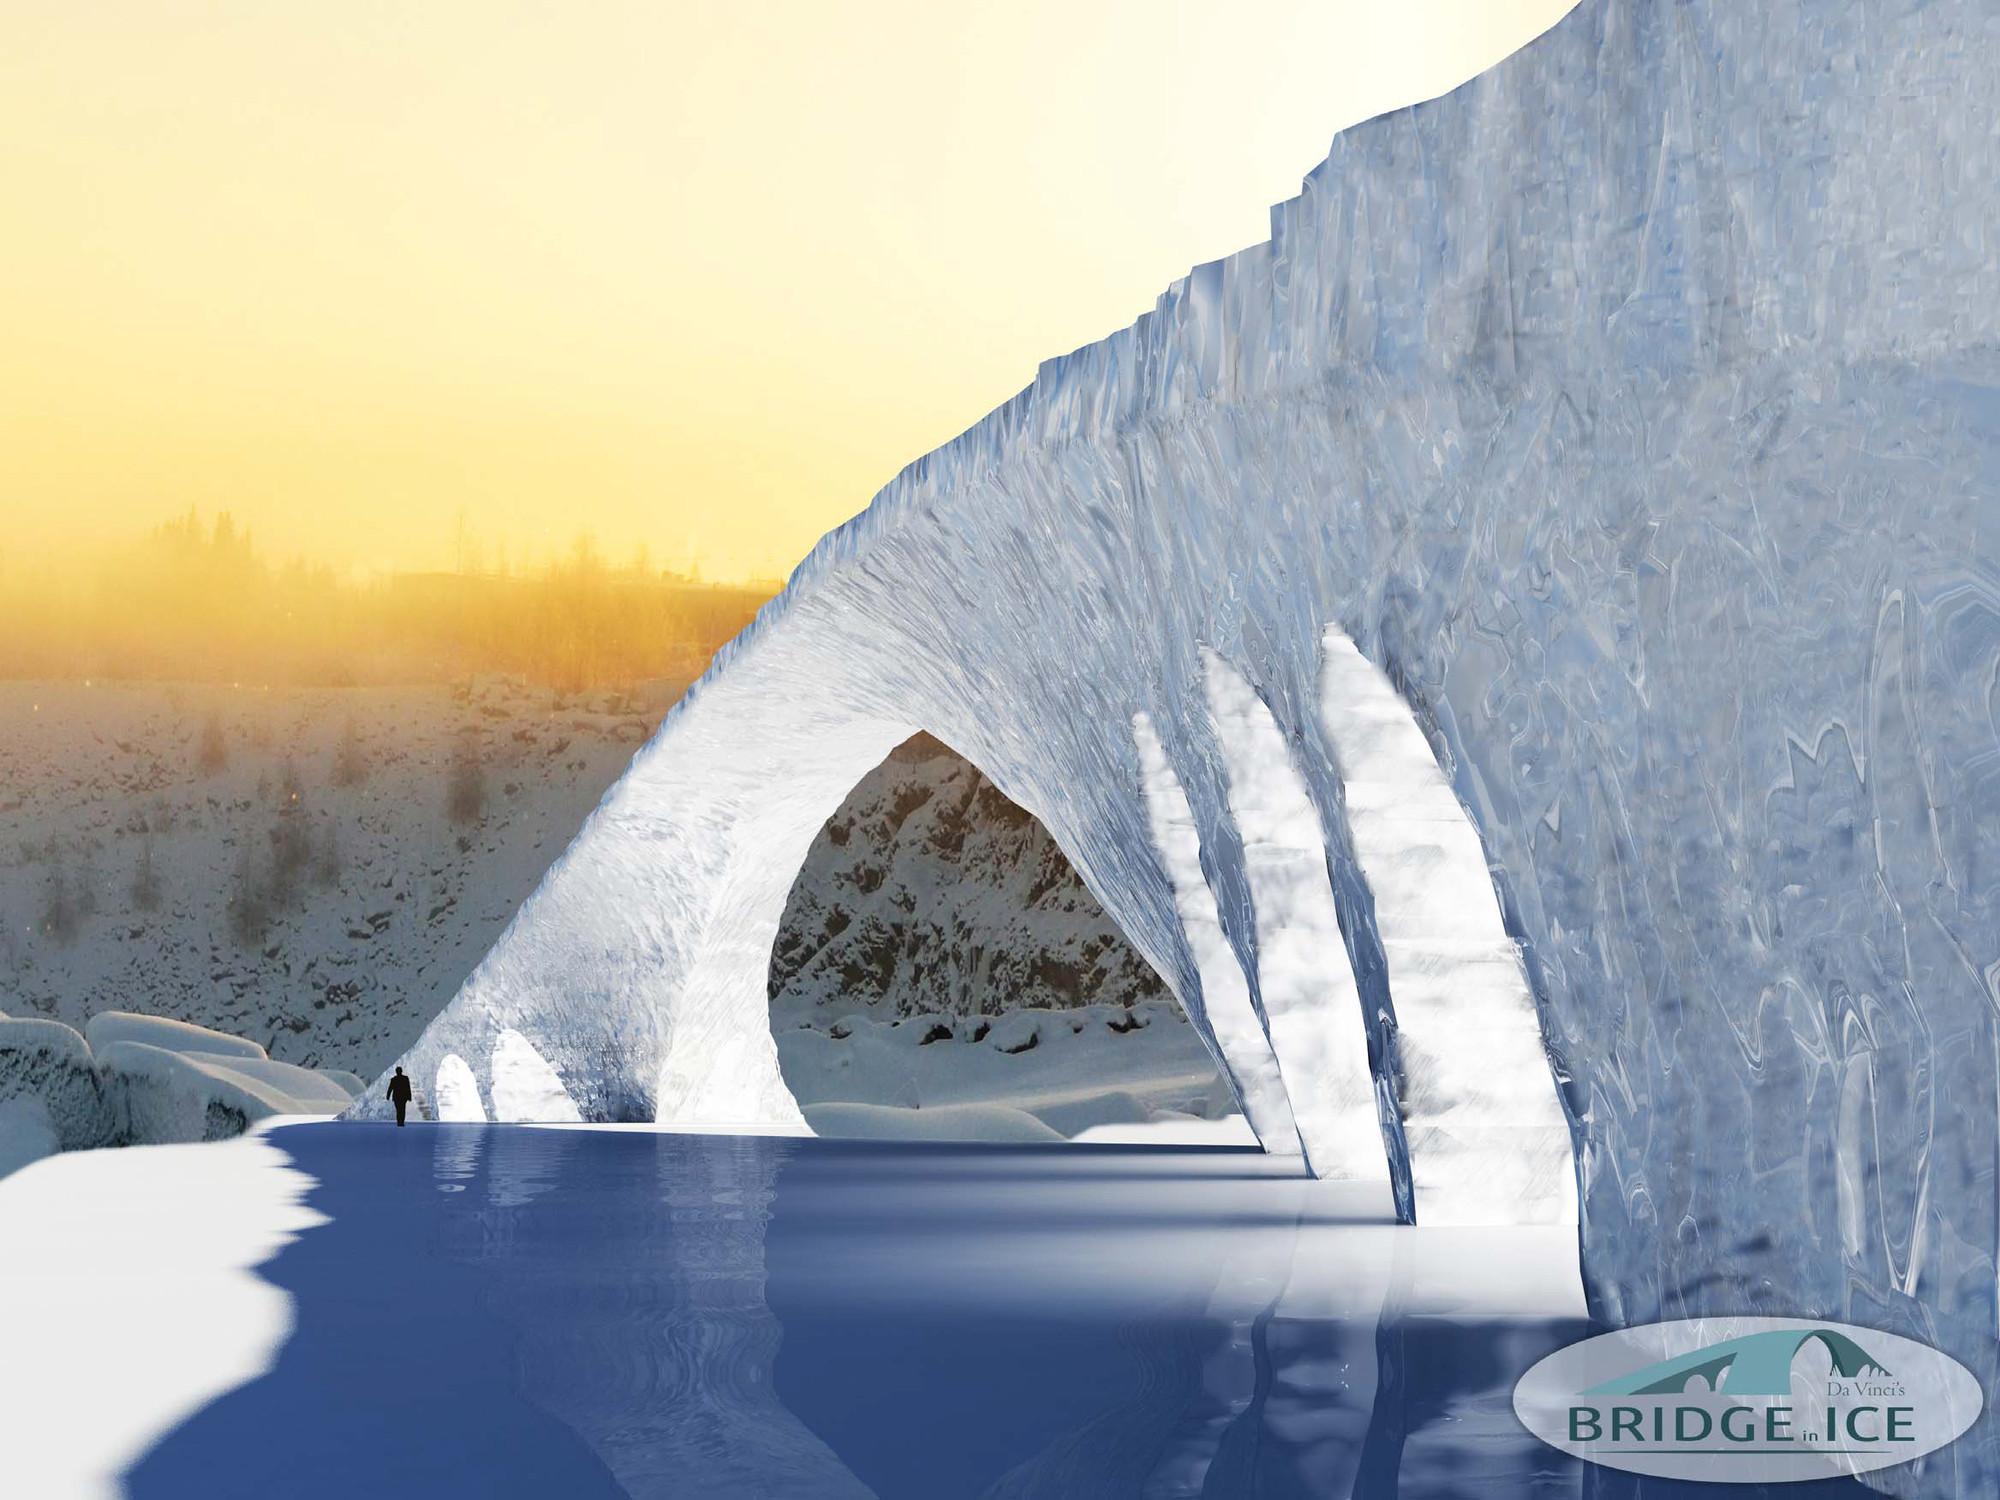 Estudiantes de TU/e van a construir un puente de Da Vinci en hielo, Cortesía de Eindhoven University of Technology